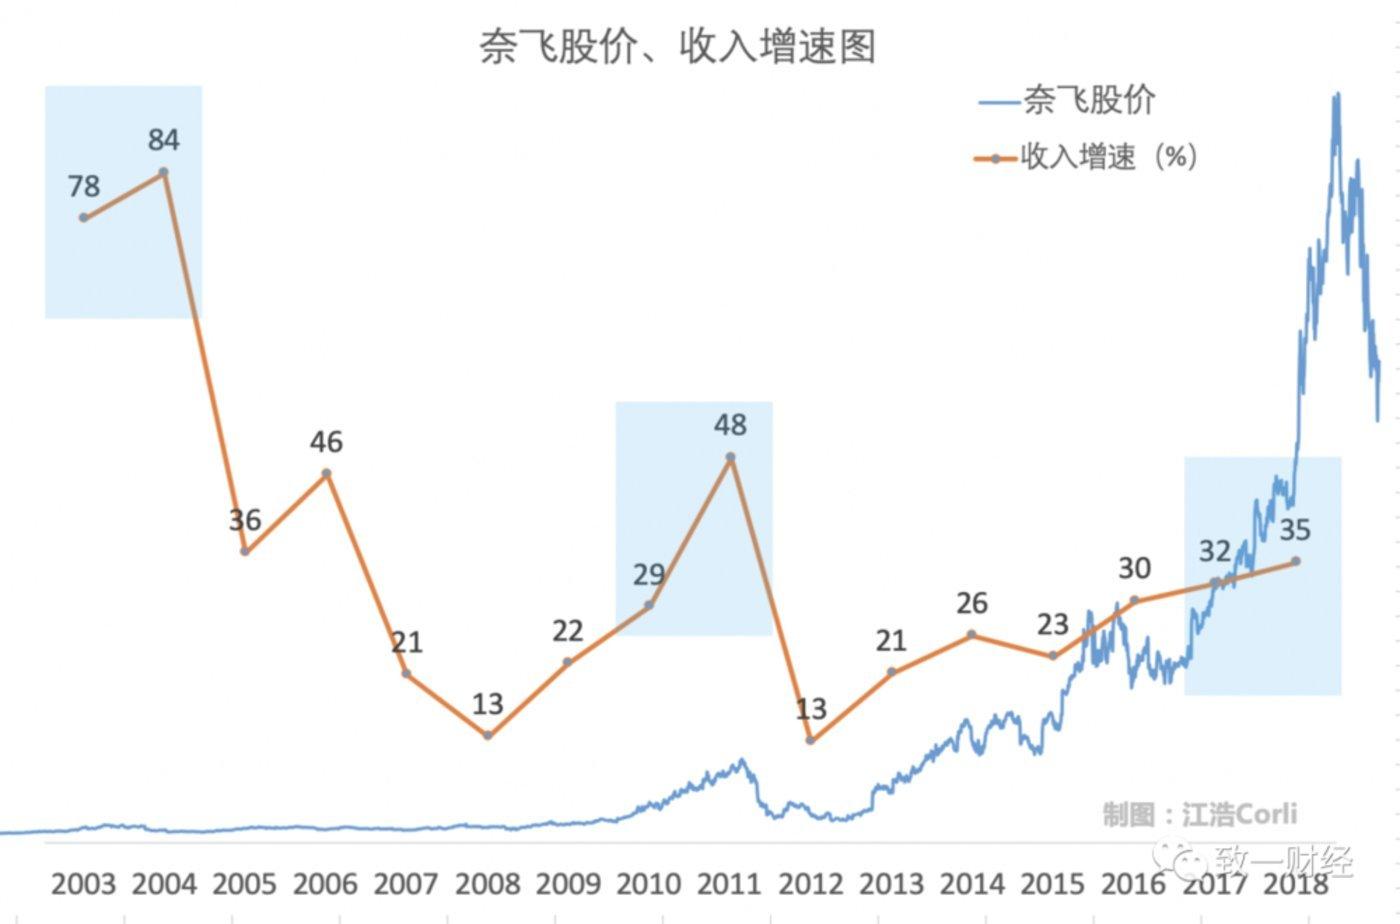 """(奈飞的第一个收入增长高峰:04年租赁大战;第二个收入高峰,11年流媒体入户之战;第三个收入高峰:18年世界之战"""")"""